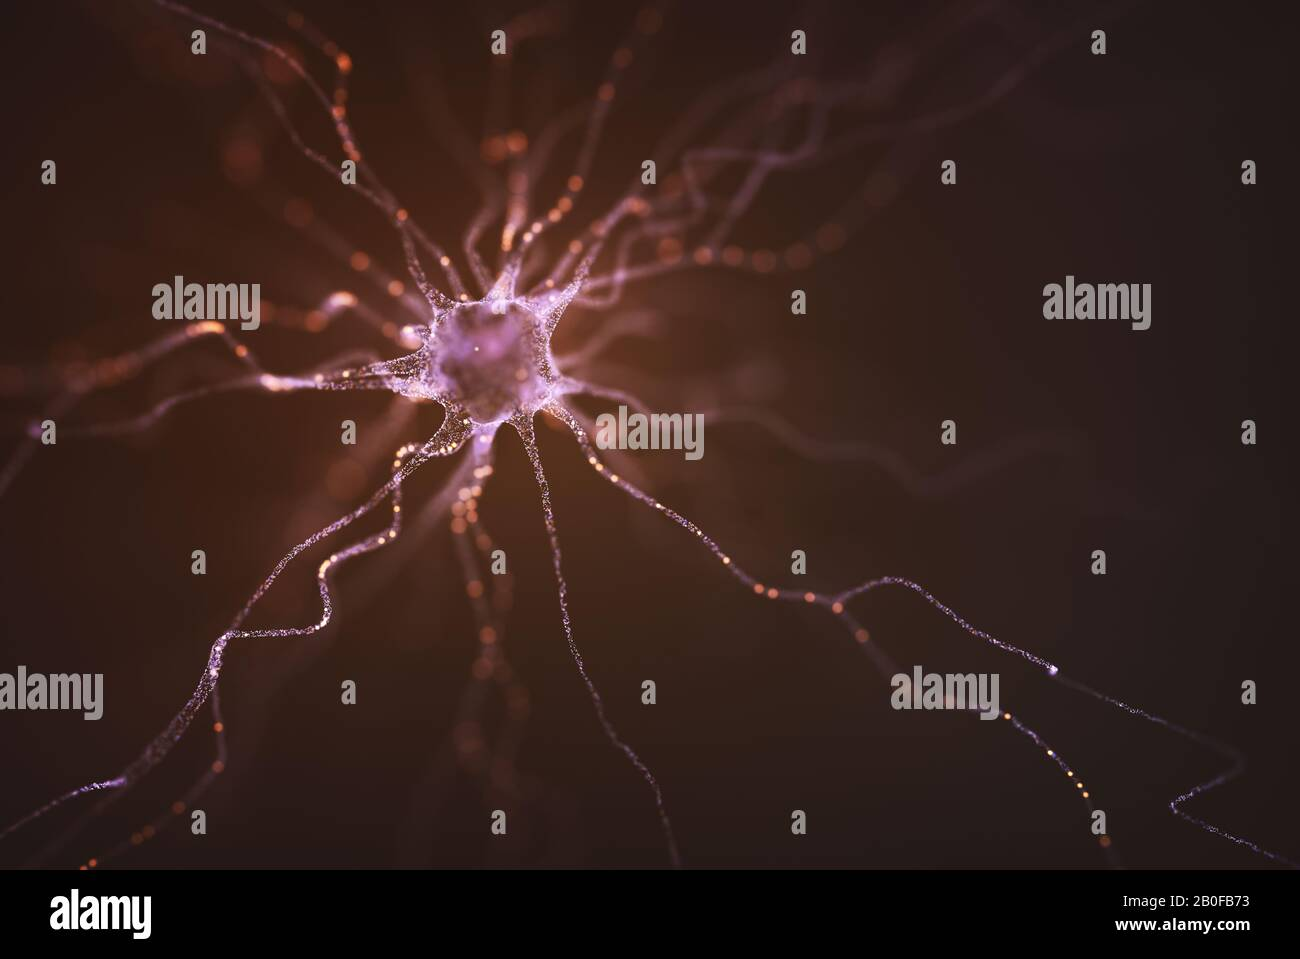 Konzeptionelles Bild eines Neurons, das mit elektrischer Ladung erregt wird. Konzept der Wissenschaft und Forschung des menschlichen Gehirns, 3D-Illustration. Stockfoto